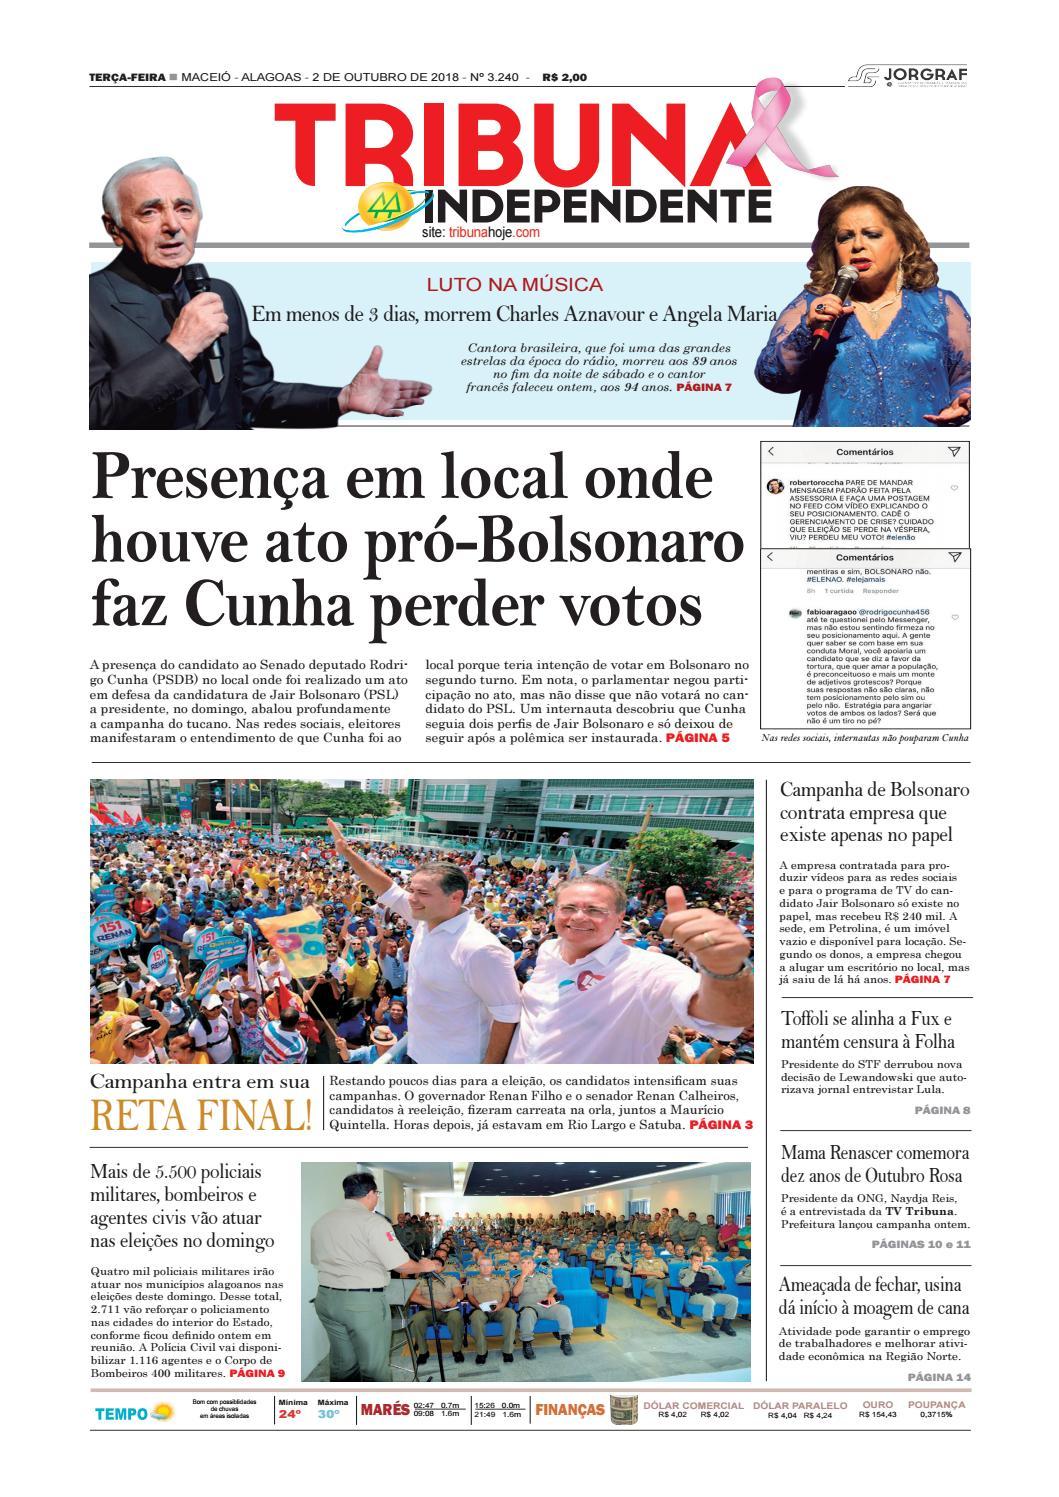 e5c6aaa66e1 Edição número 3240 - 2 de outubro de 2018 by Tribuna Hoje - issuu